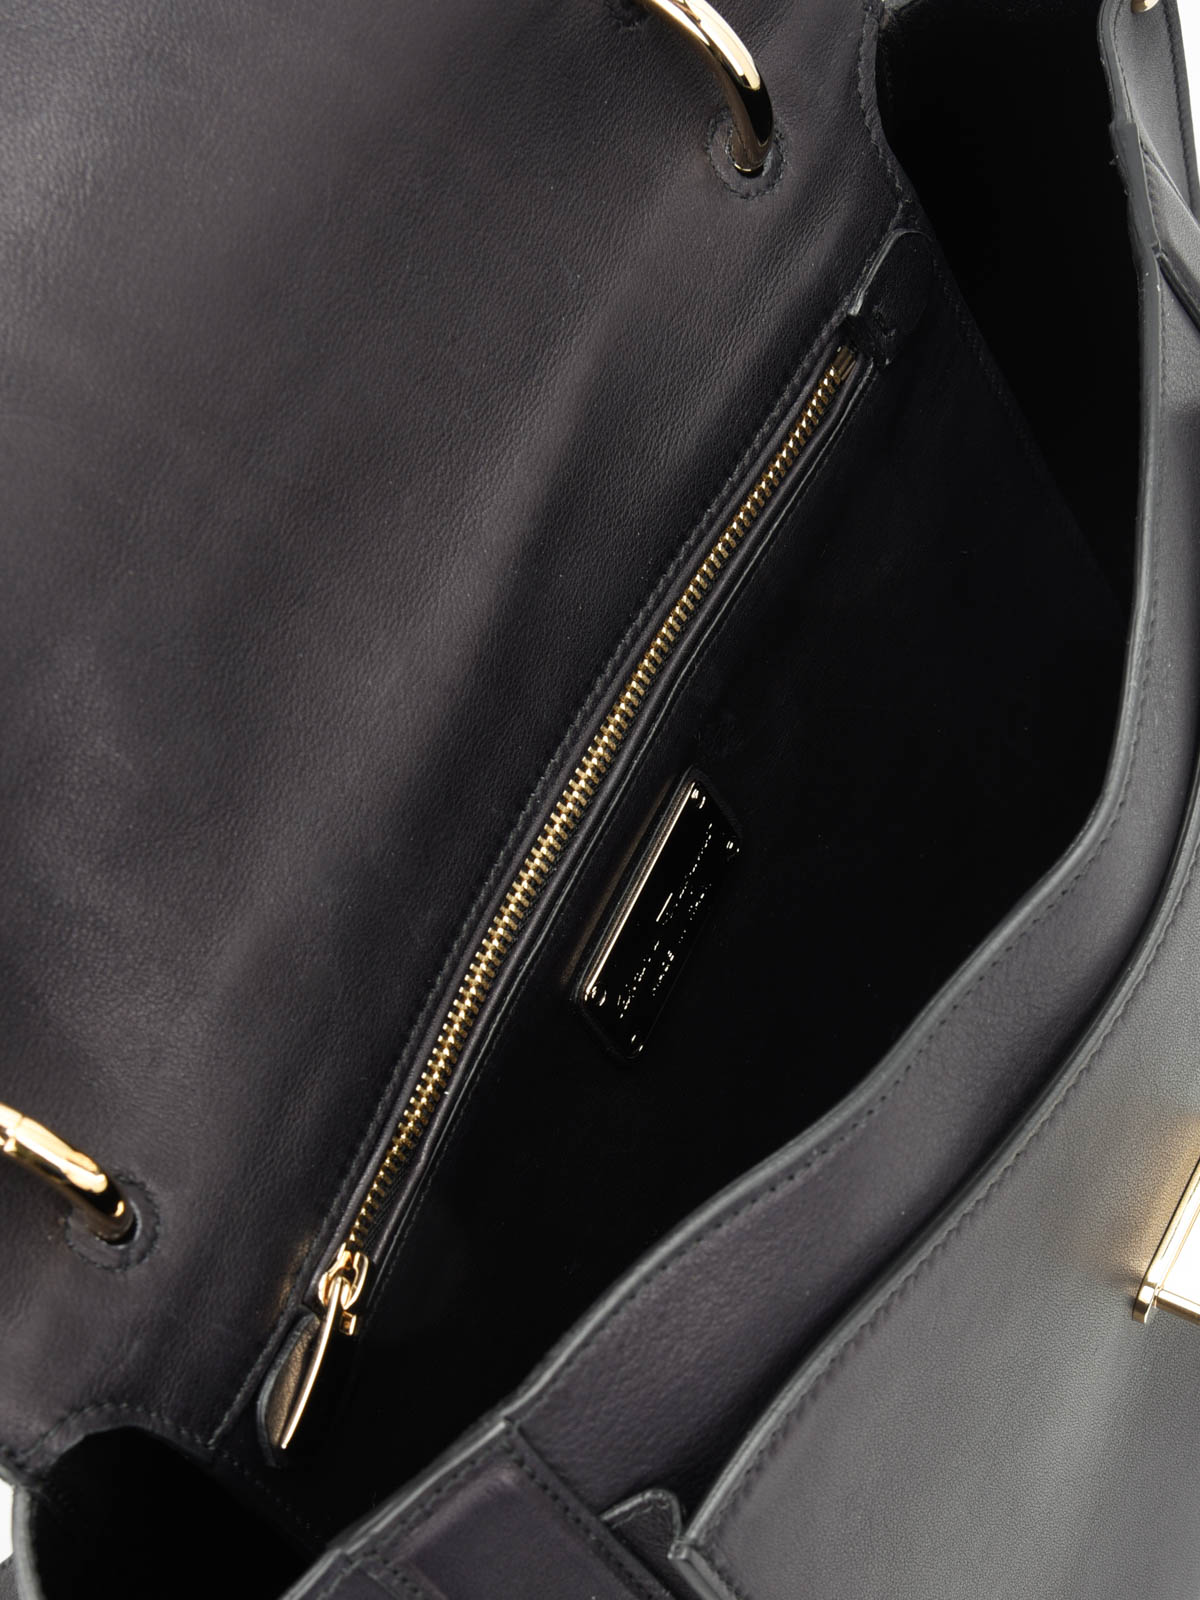 06699cb2f8 Salvatore Ferragamo - Suzanna leather tote - totes bags - 21G395664063